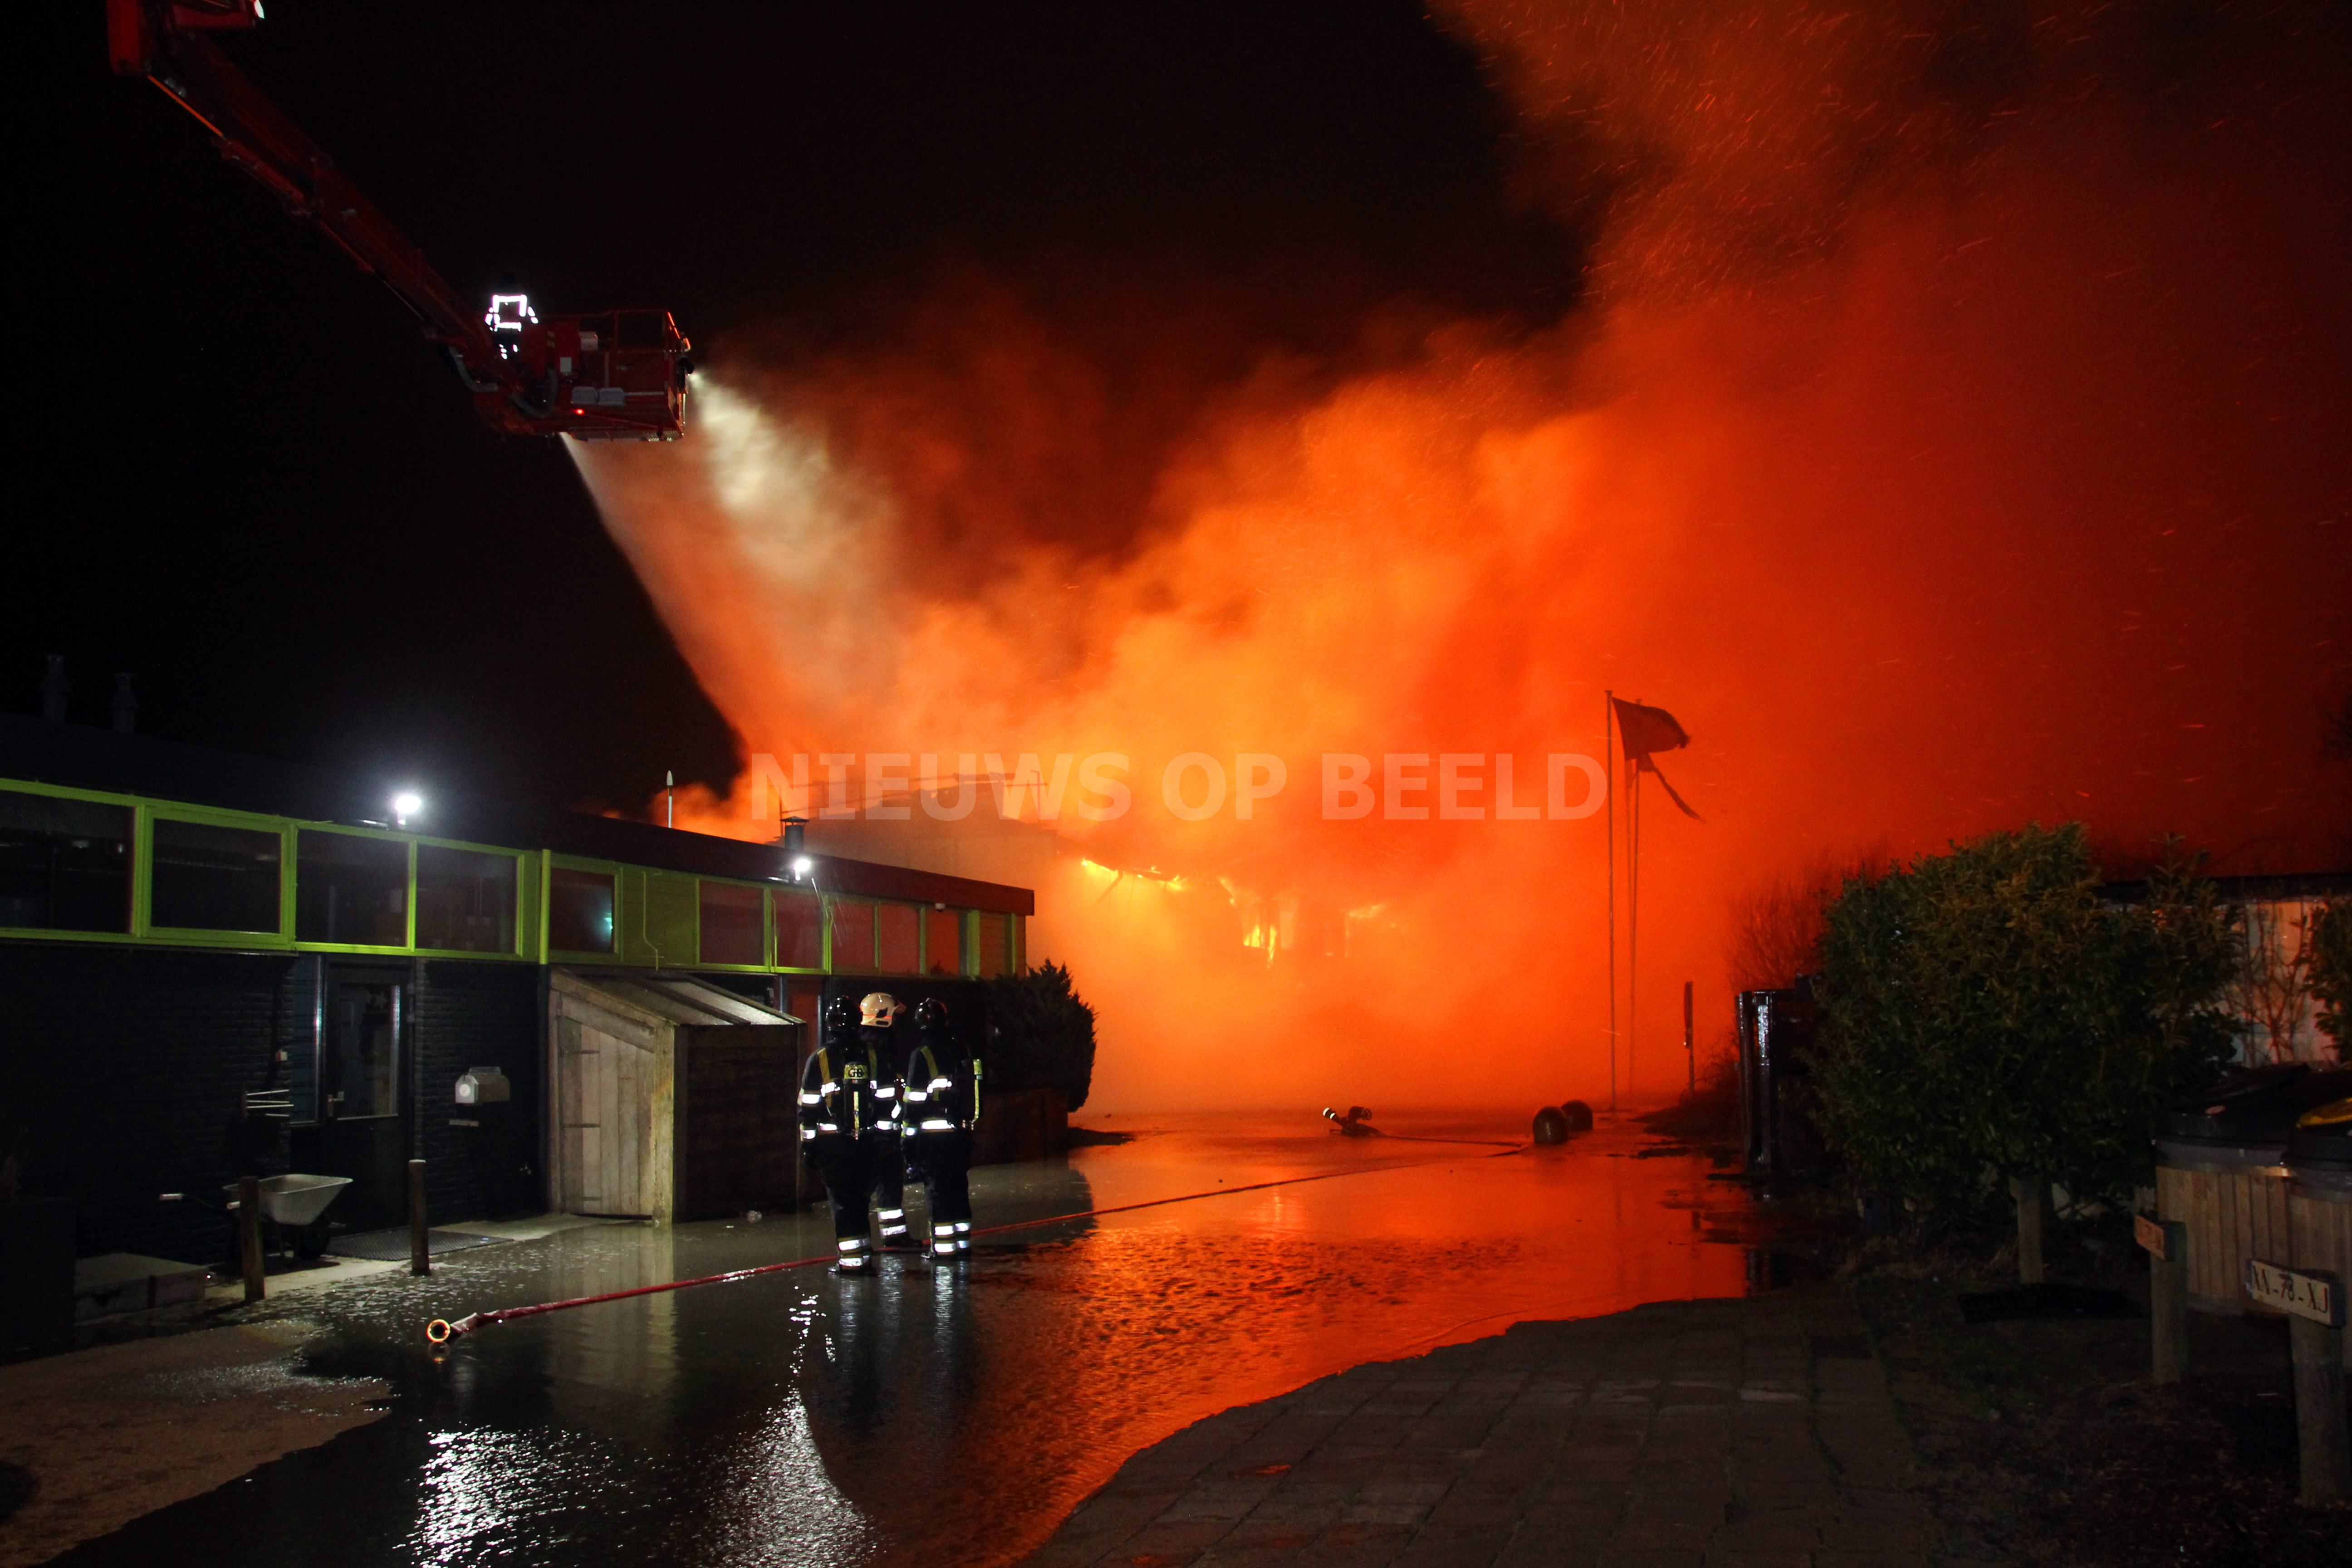 Keuken Gereedschap Den Haag : Grote uitslaande brand in surfschool Noordoever Oostvoornse Meer in